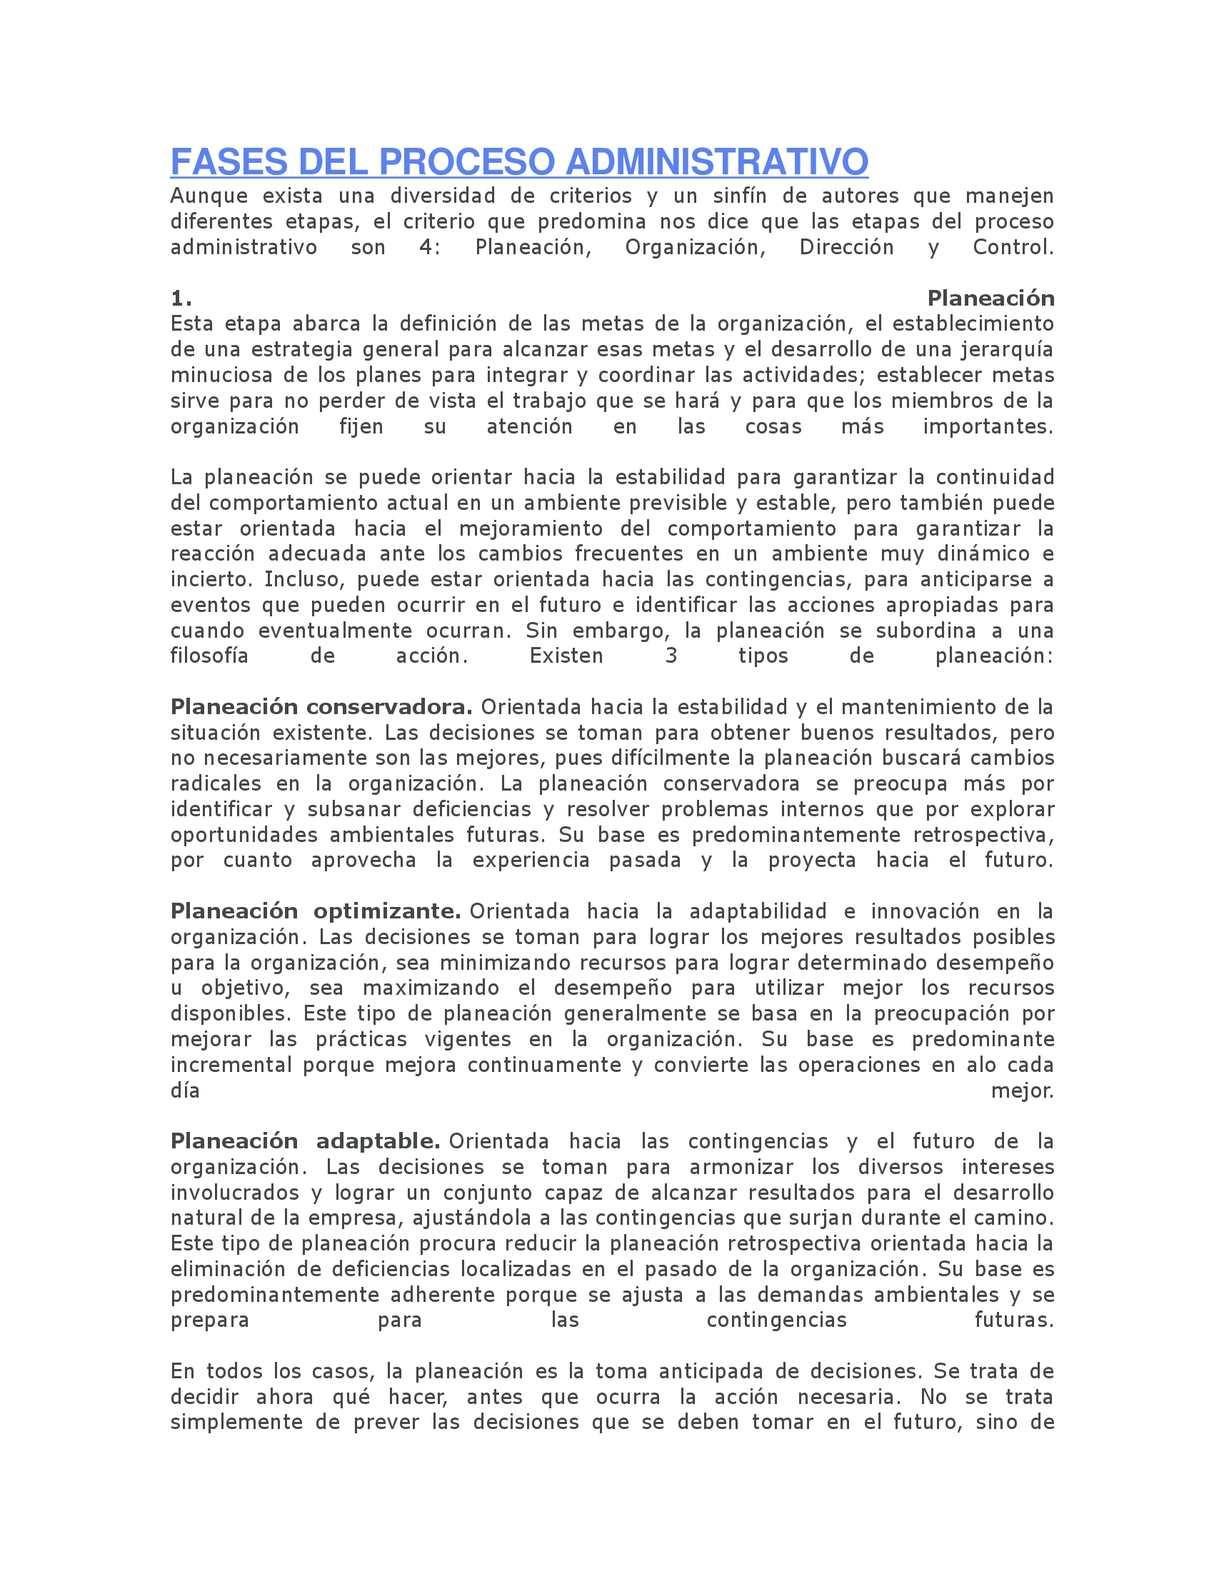 Proceso administrativo definicion de autores